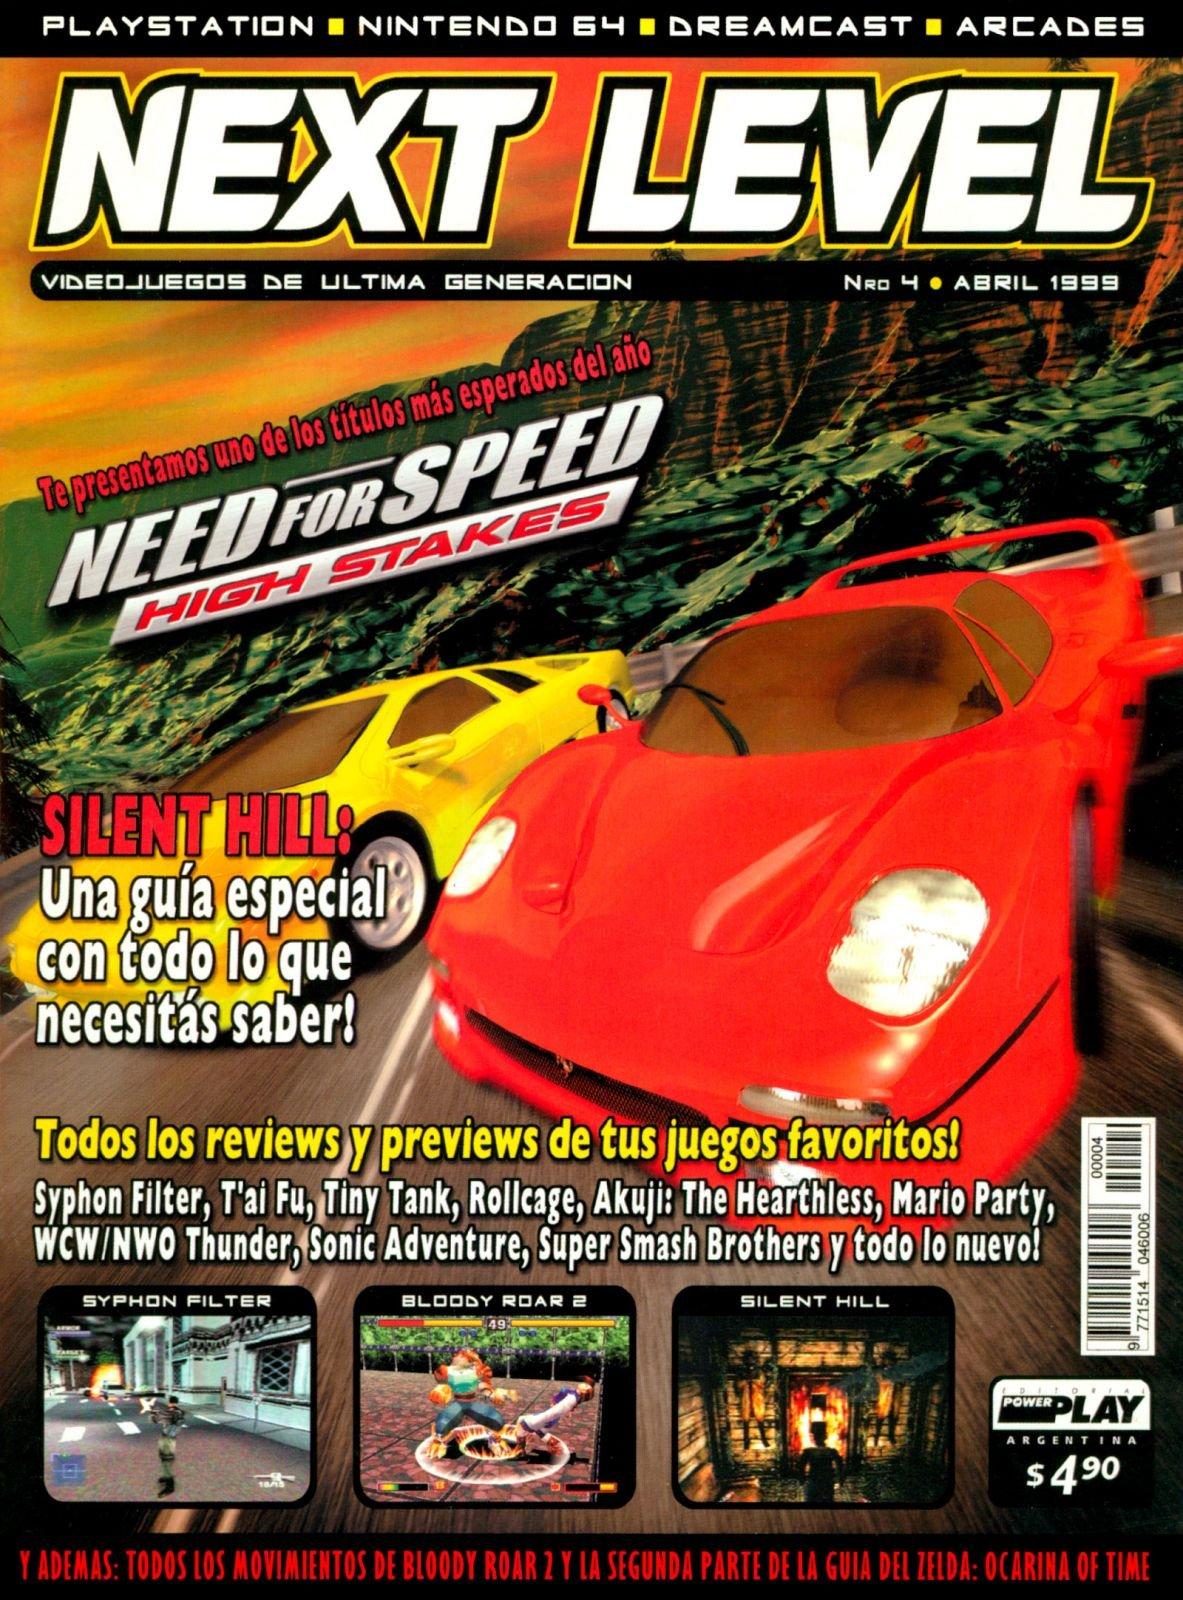 Next Level 04 April 1999